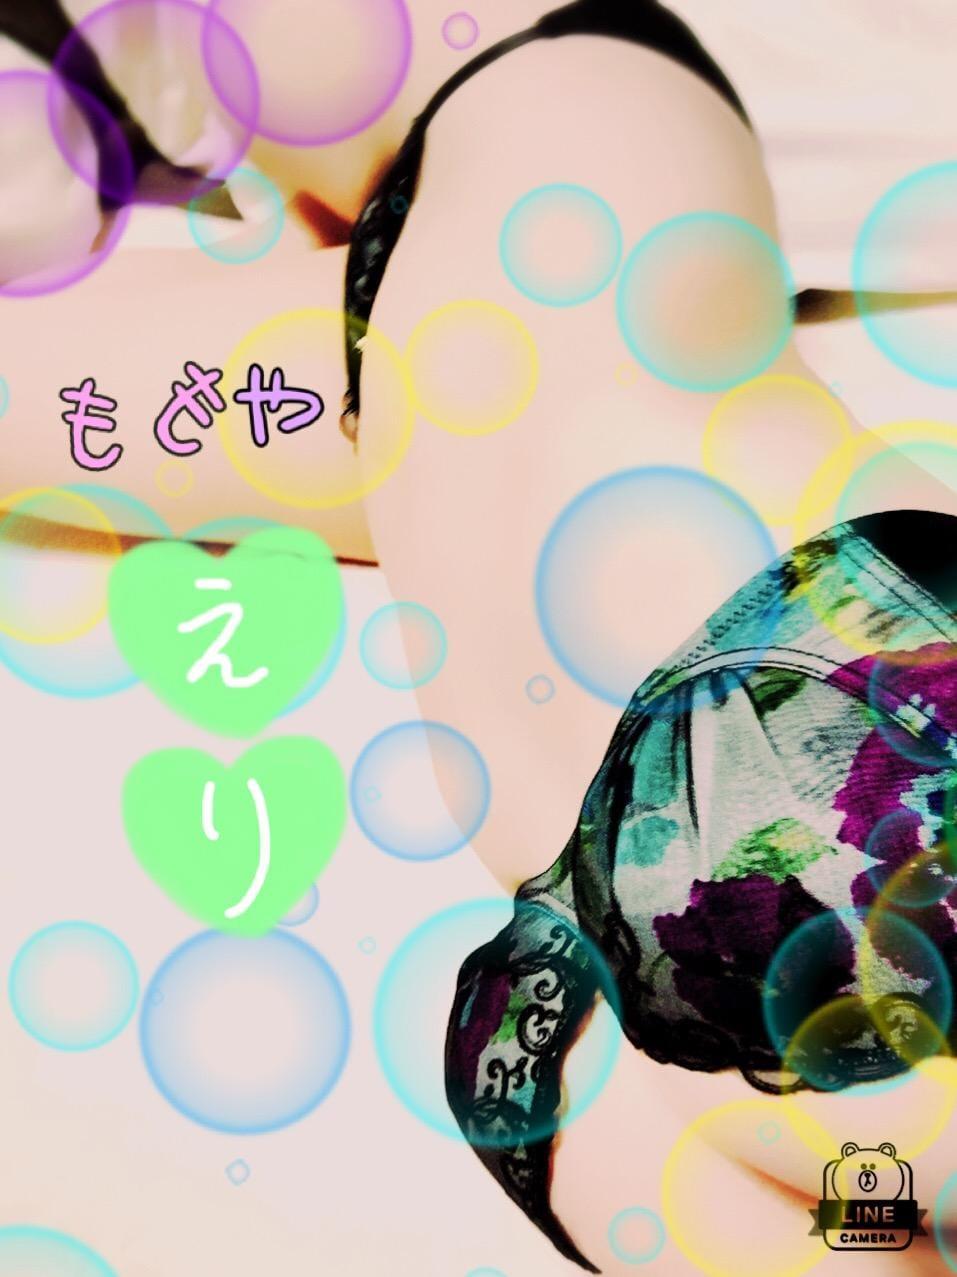 「こんばんは(*´ω`*)」05/22(火) 22:16 | えり(弘前)の写メ・風俗動画